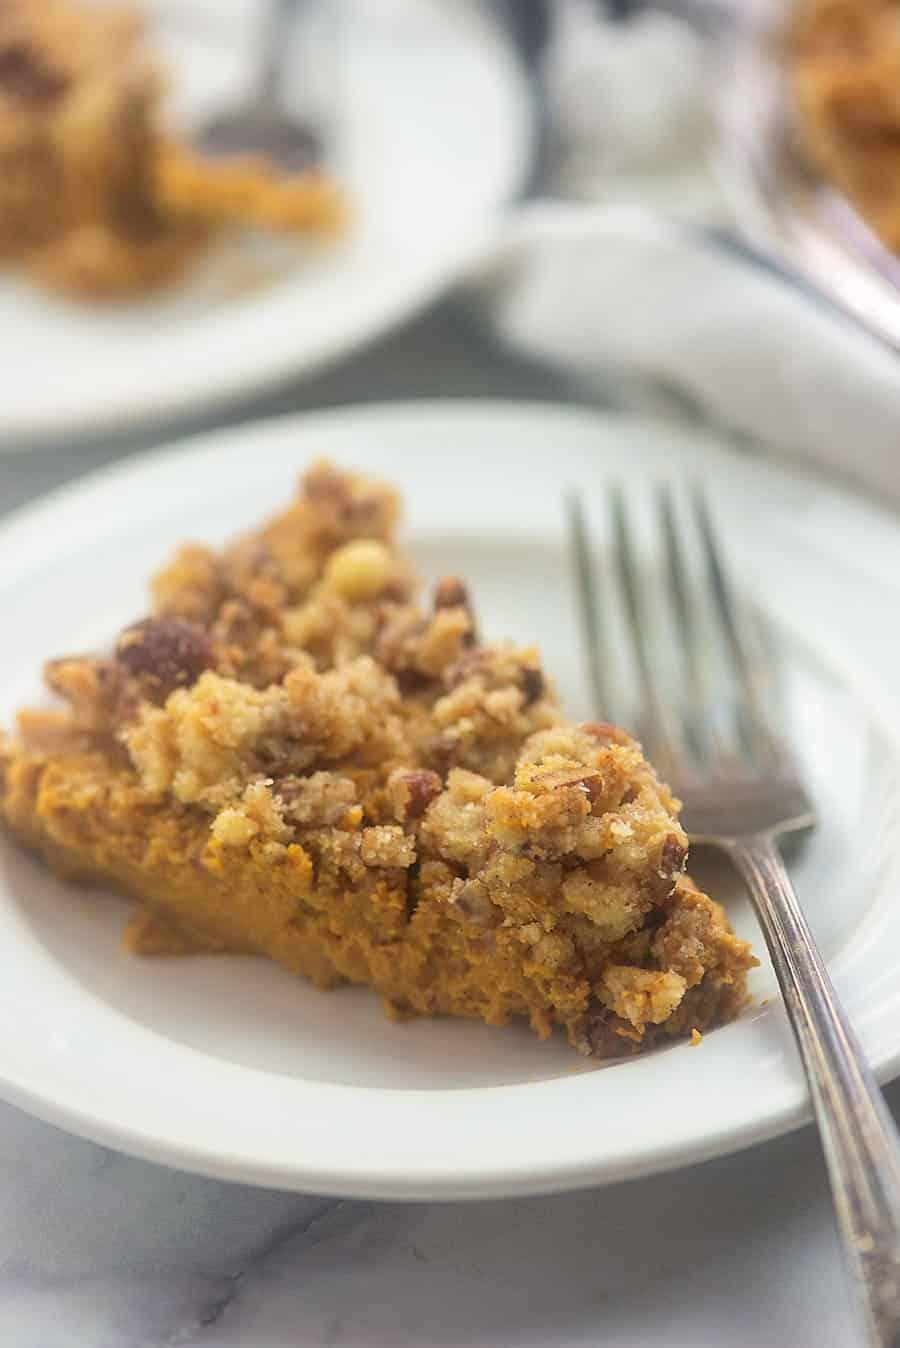 A close up of a plate of pumpkin pie